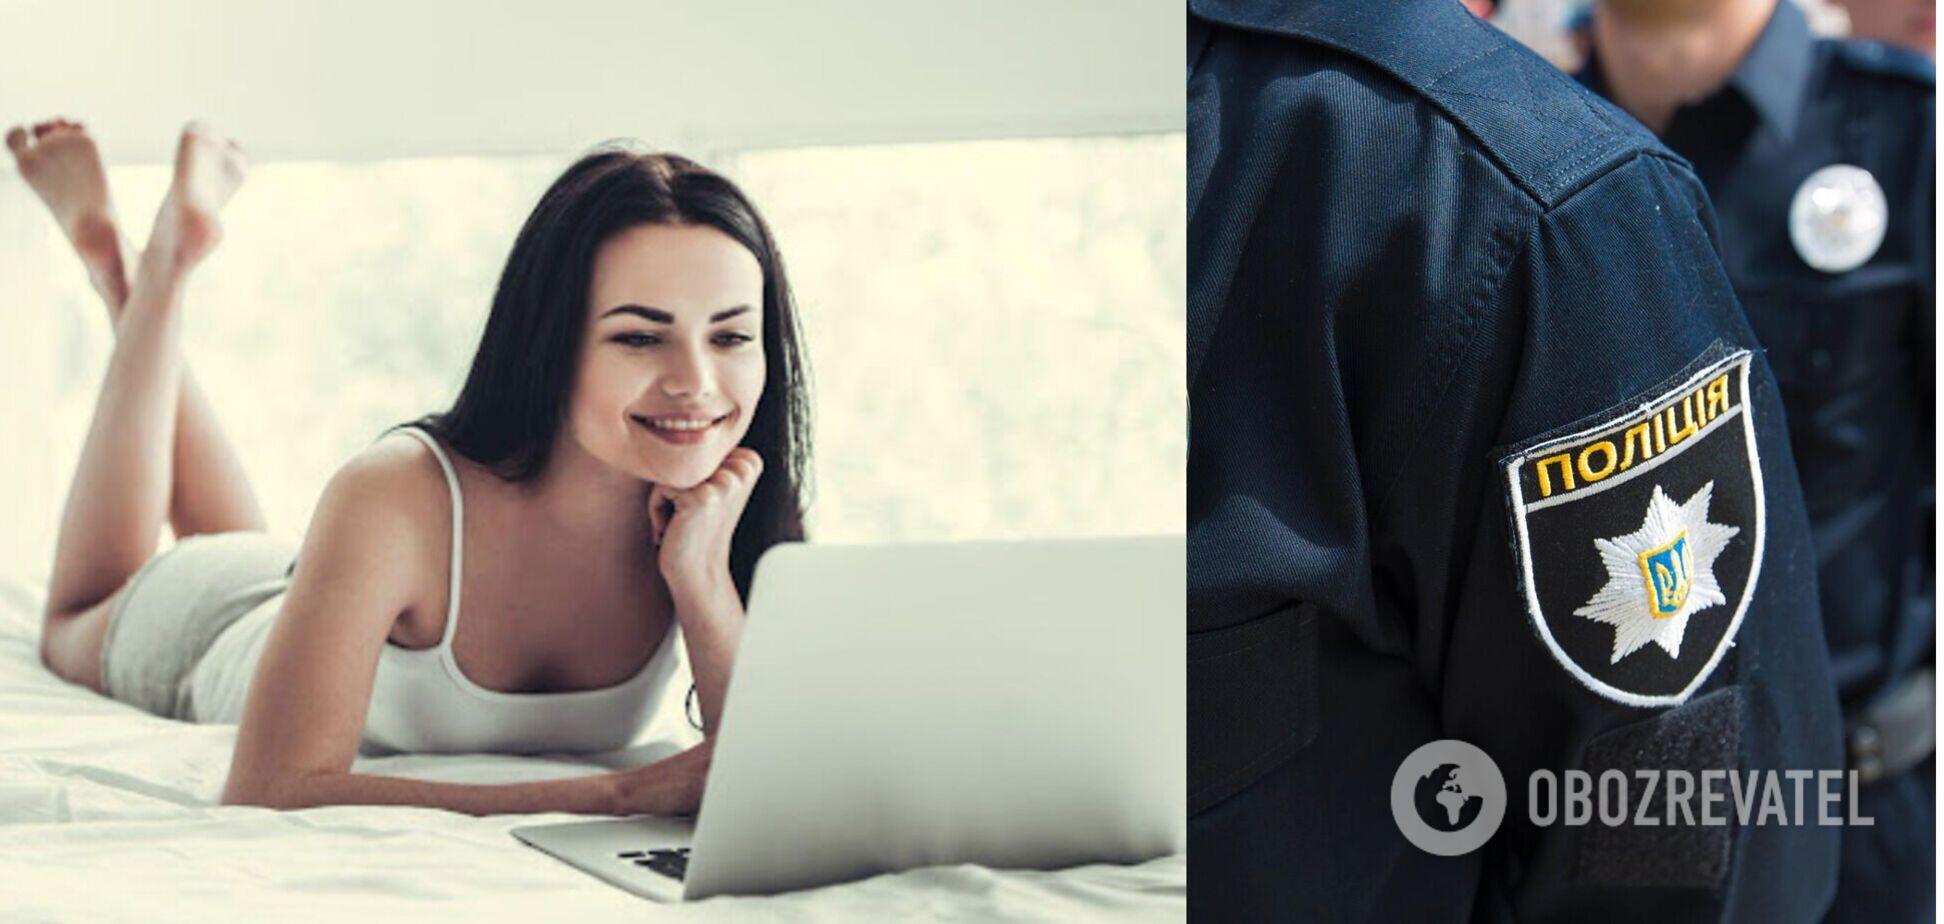 Київські слідчі викрили роботу порностудії, скориставшись 'послугами' вебмоделей